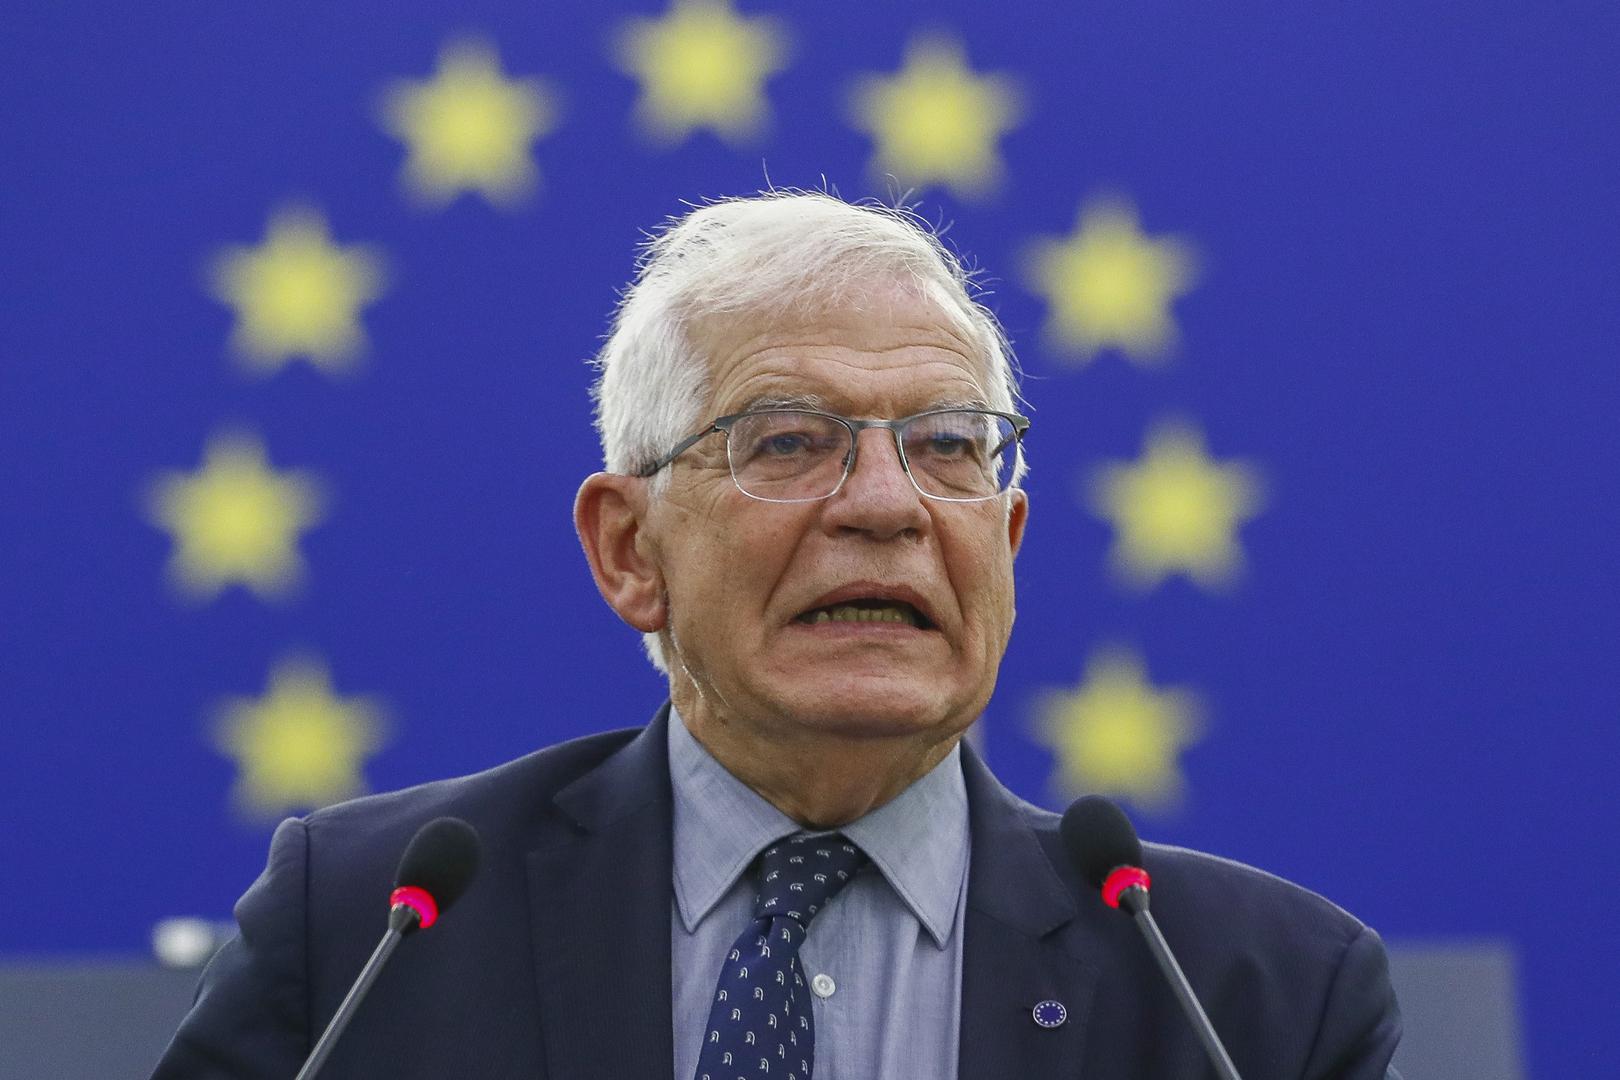 مسؤول السياسة الخارجية بالاتحاد الأوروبي جوزيب بوريل